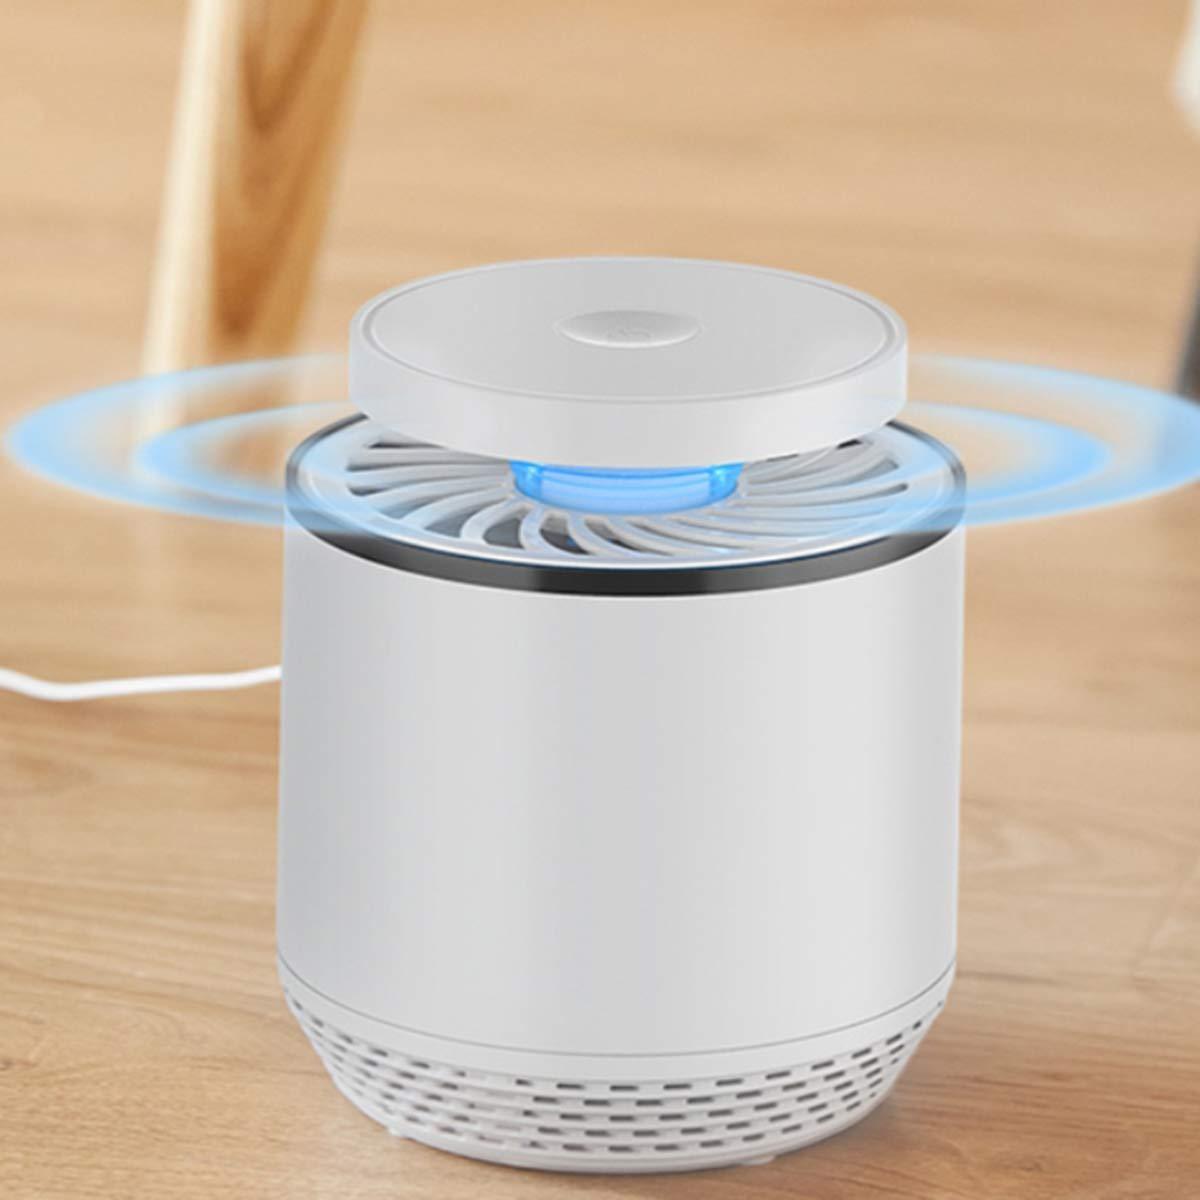 Mosquito Killer Portable Lampe De Moustique Accueil Plug-in Silencieux Piège à Moustiques Bébé Répulsif Anti-moustique Automatique